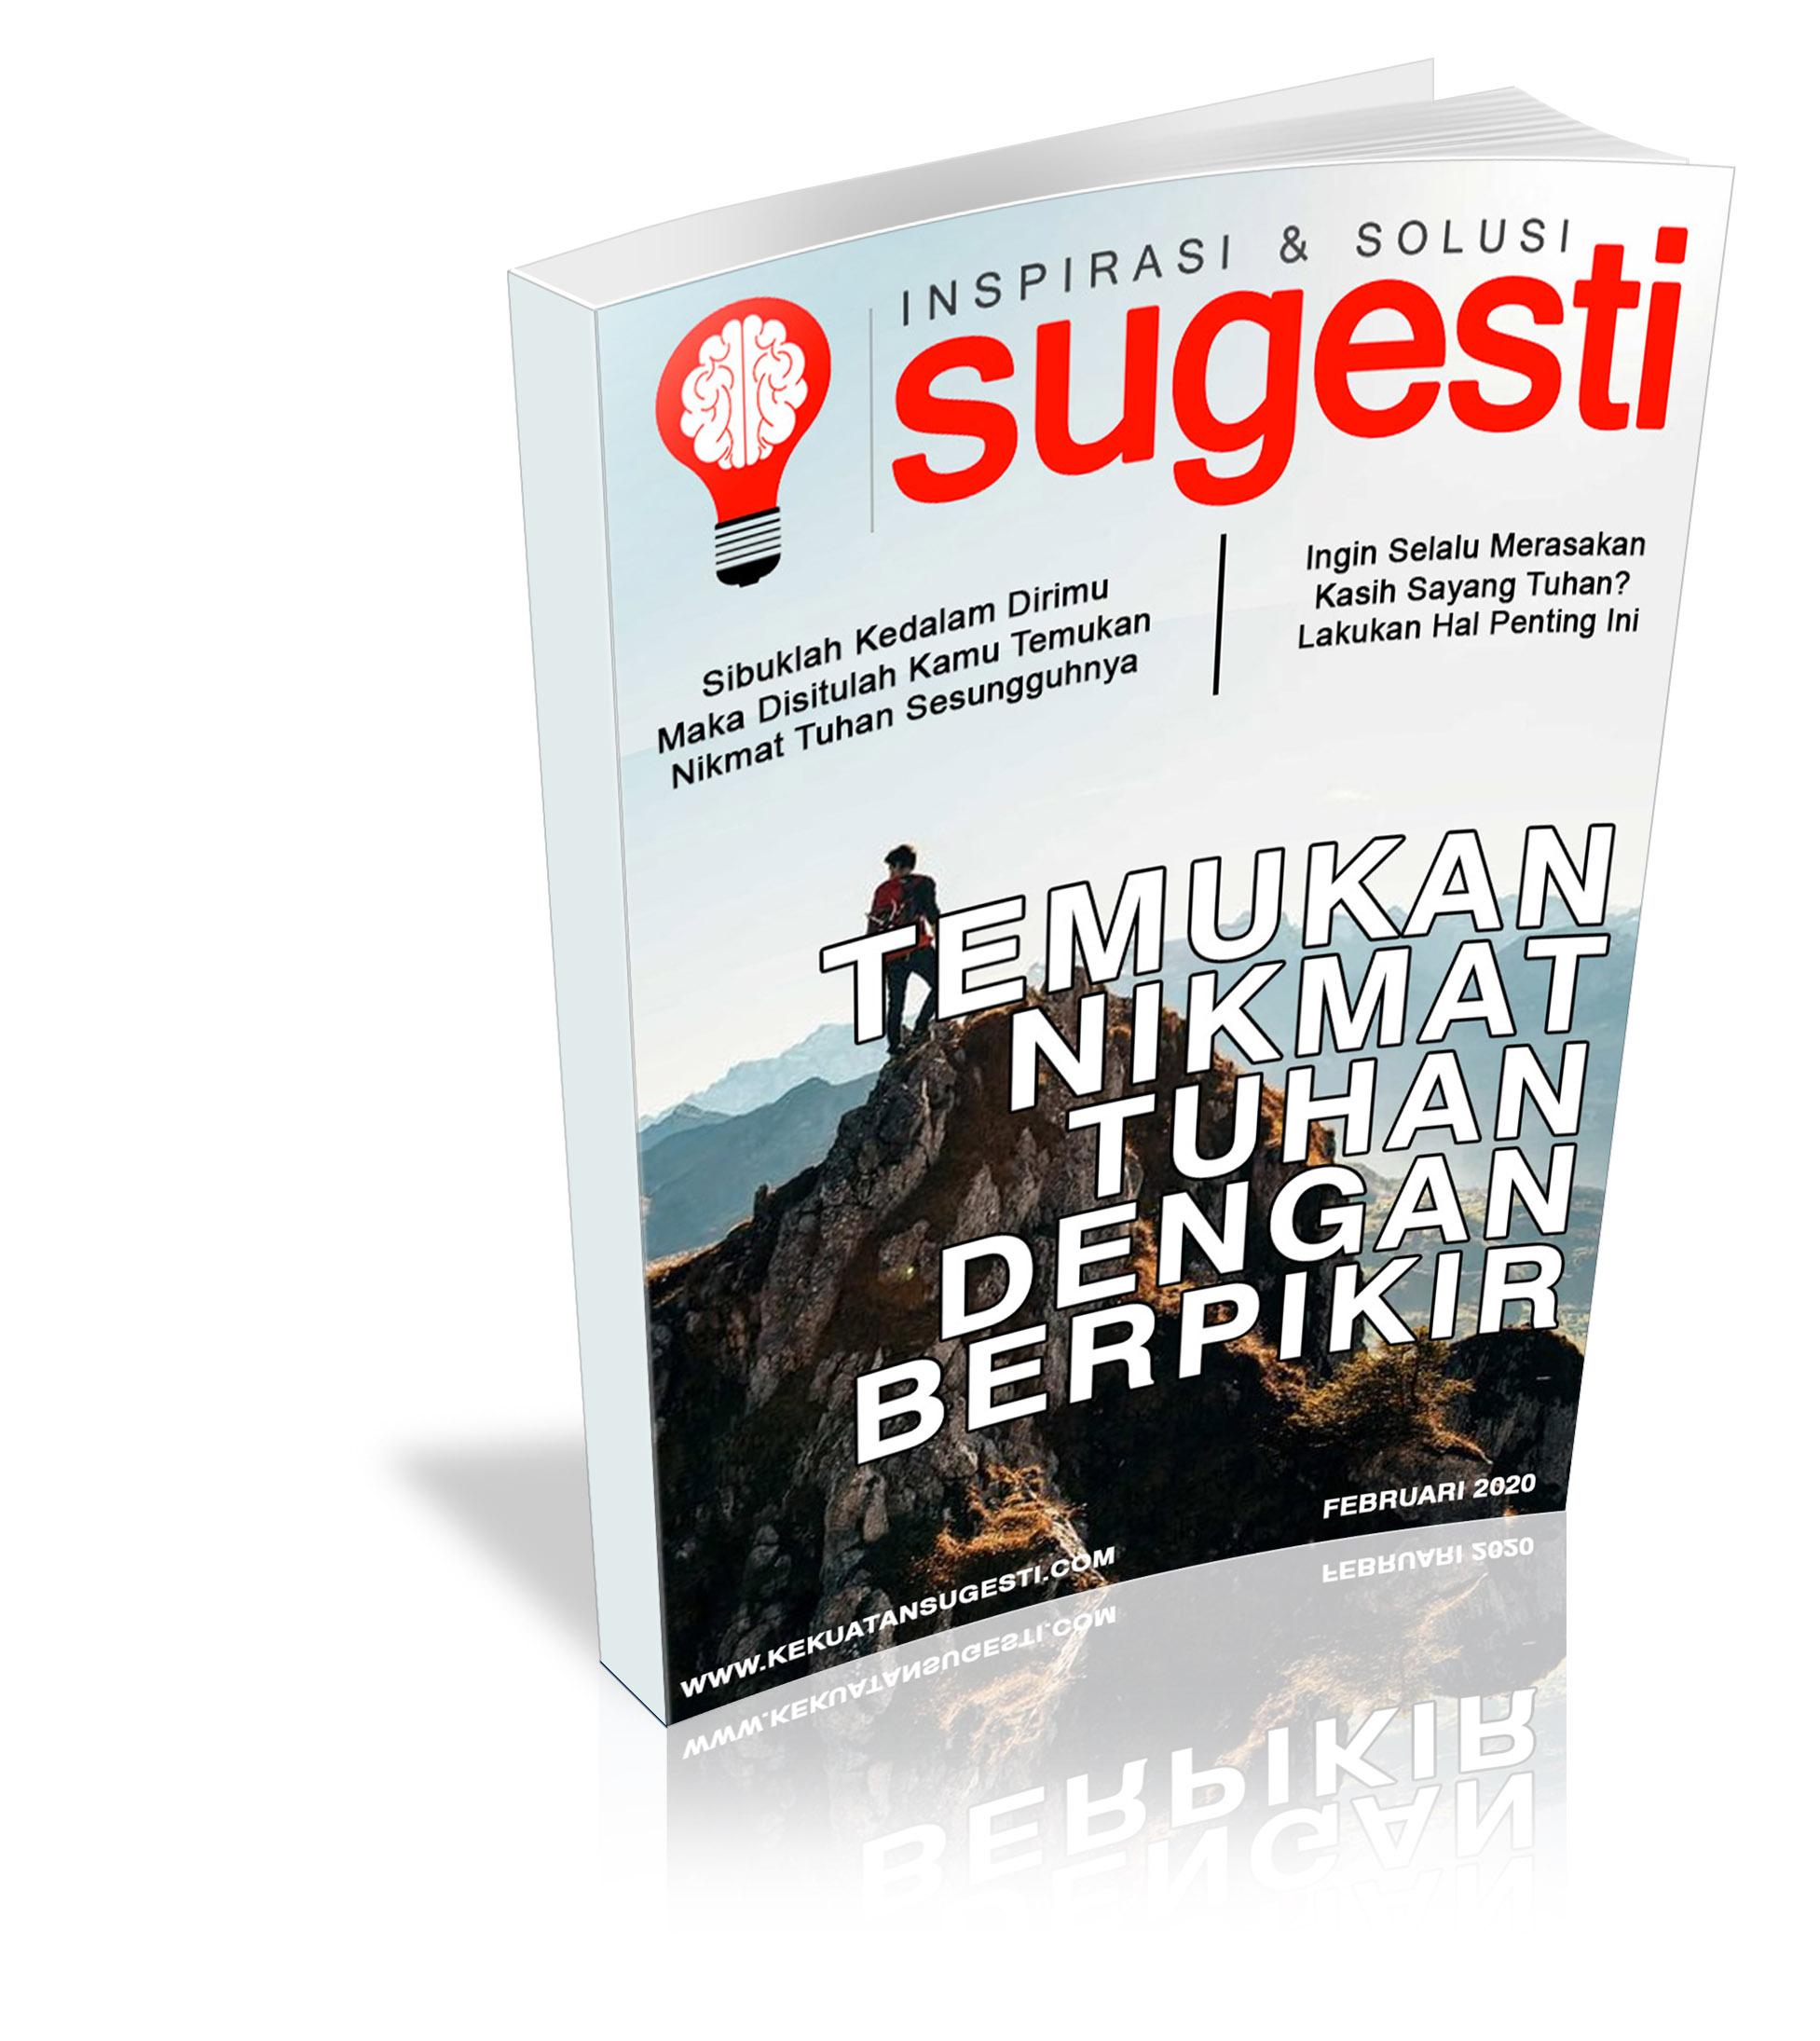 Majalah Sugesti Edisi Keenampuluh Delapan bulan Februari 2020